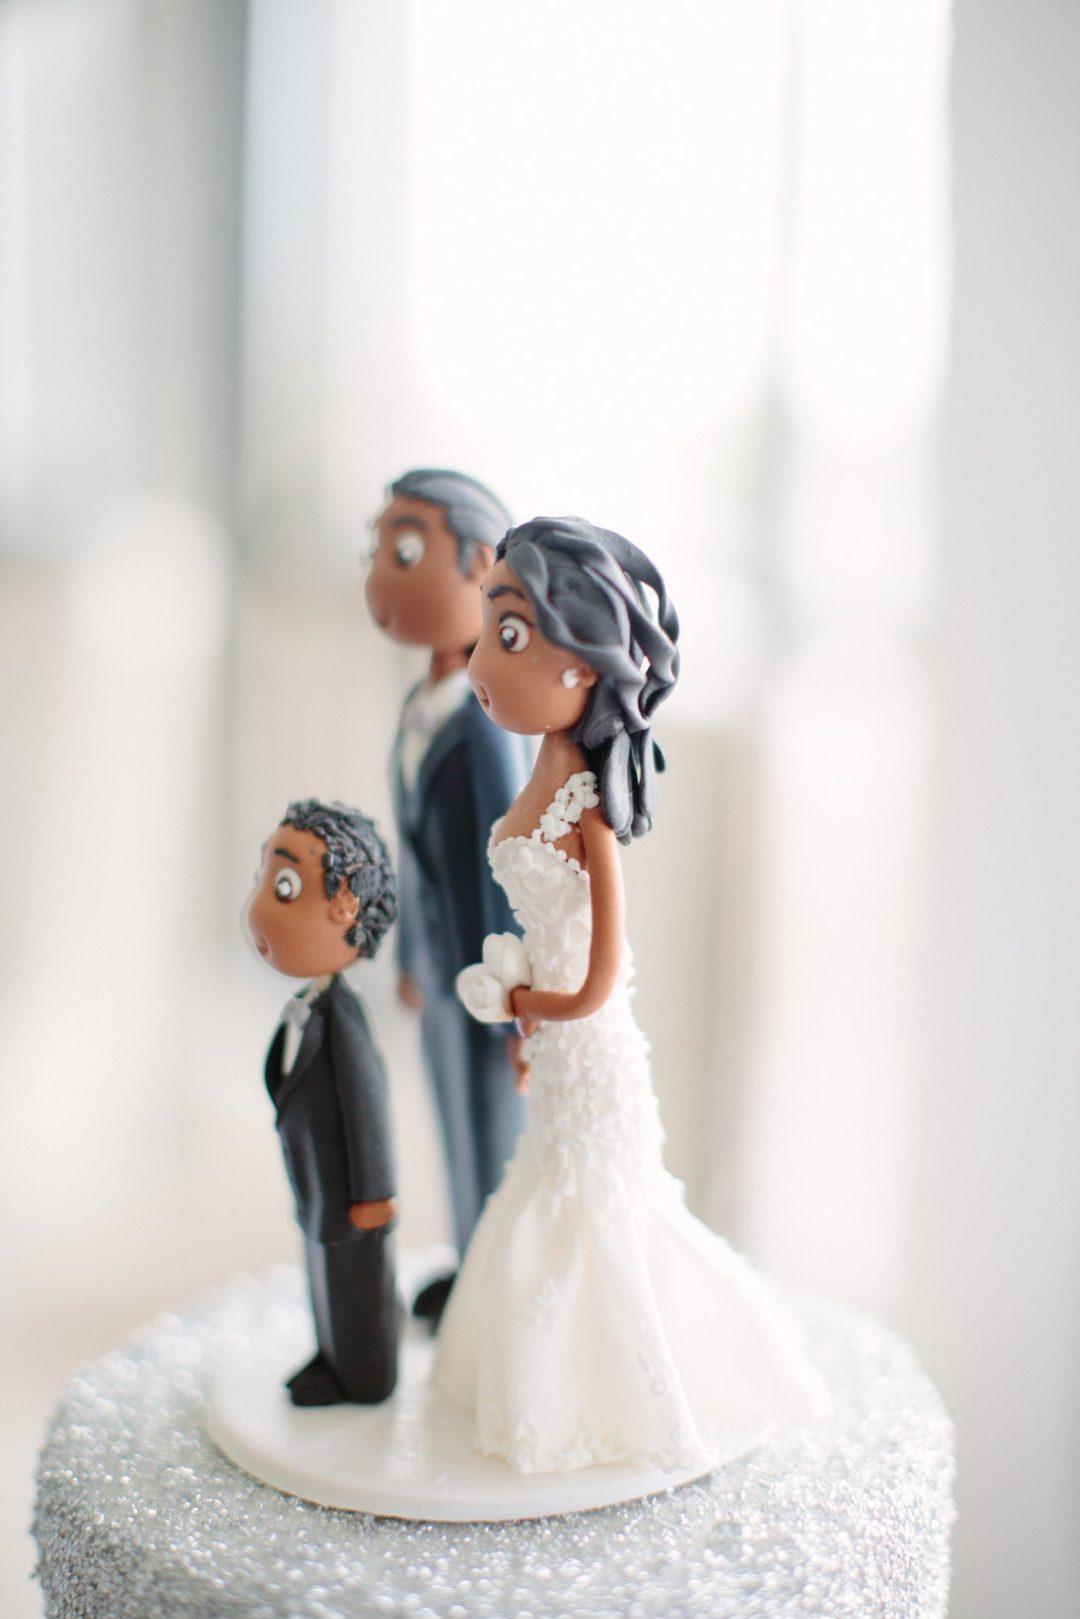 the-burroughes-wedding-photos_0936-1-1080x1619